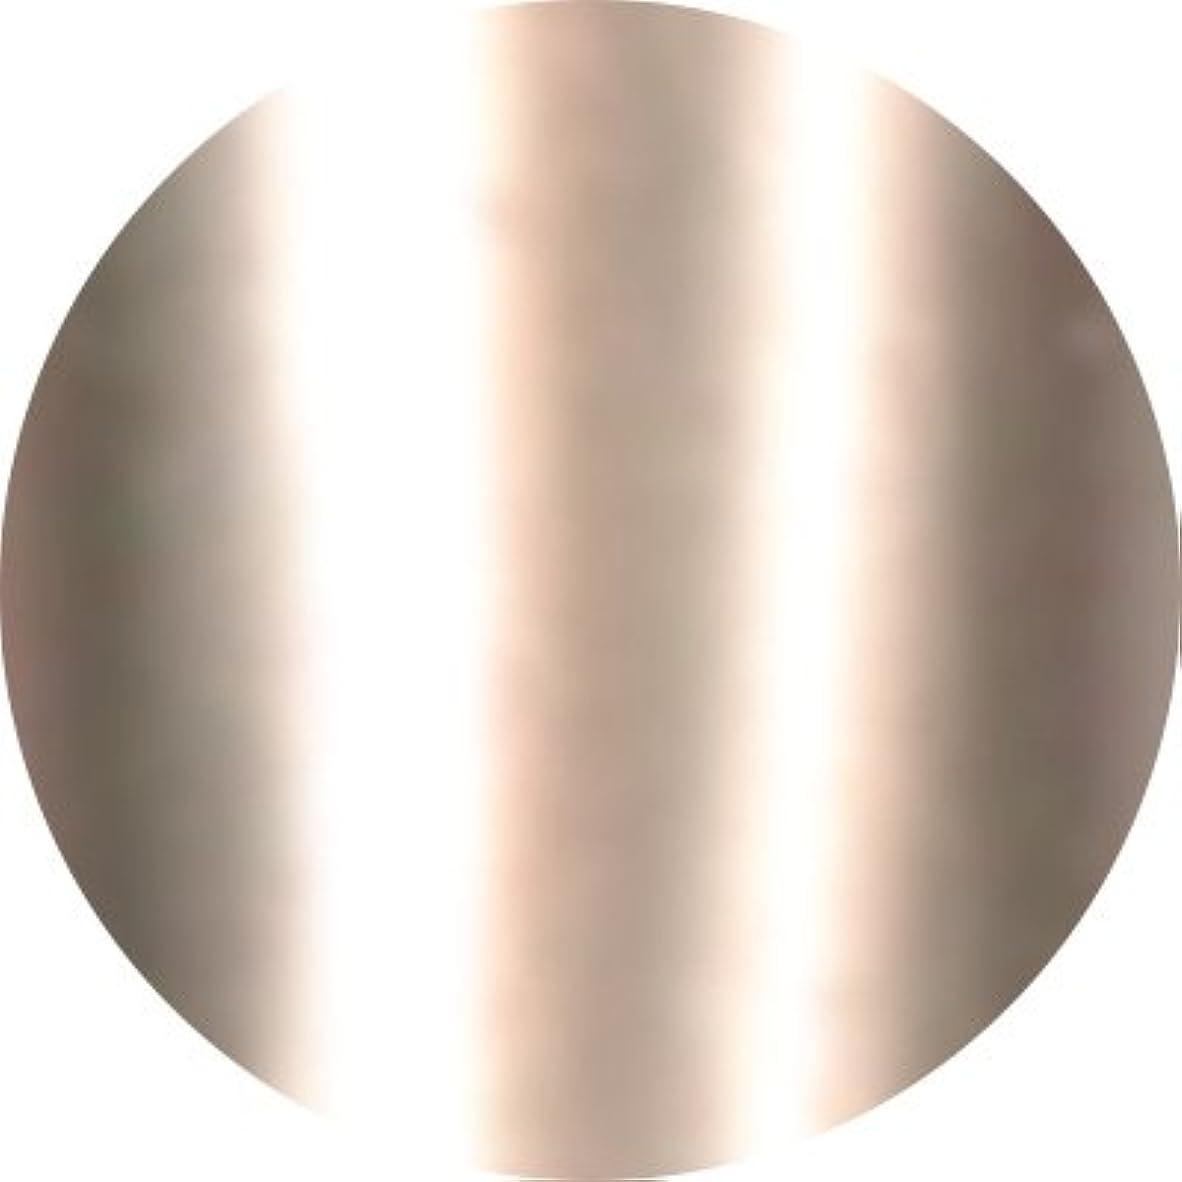 起訴する符号ゲージJewelry jel(ジュエリージェル) カラージェル 5ml<BR>メタリック MT005